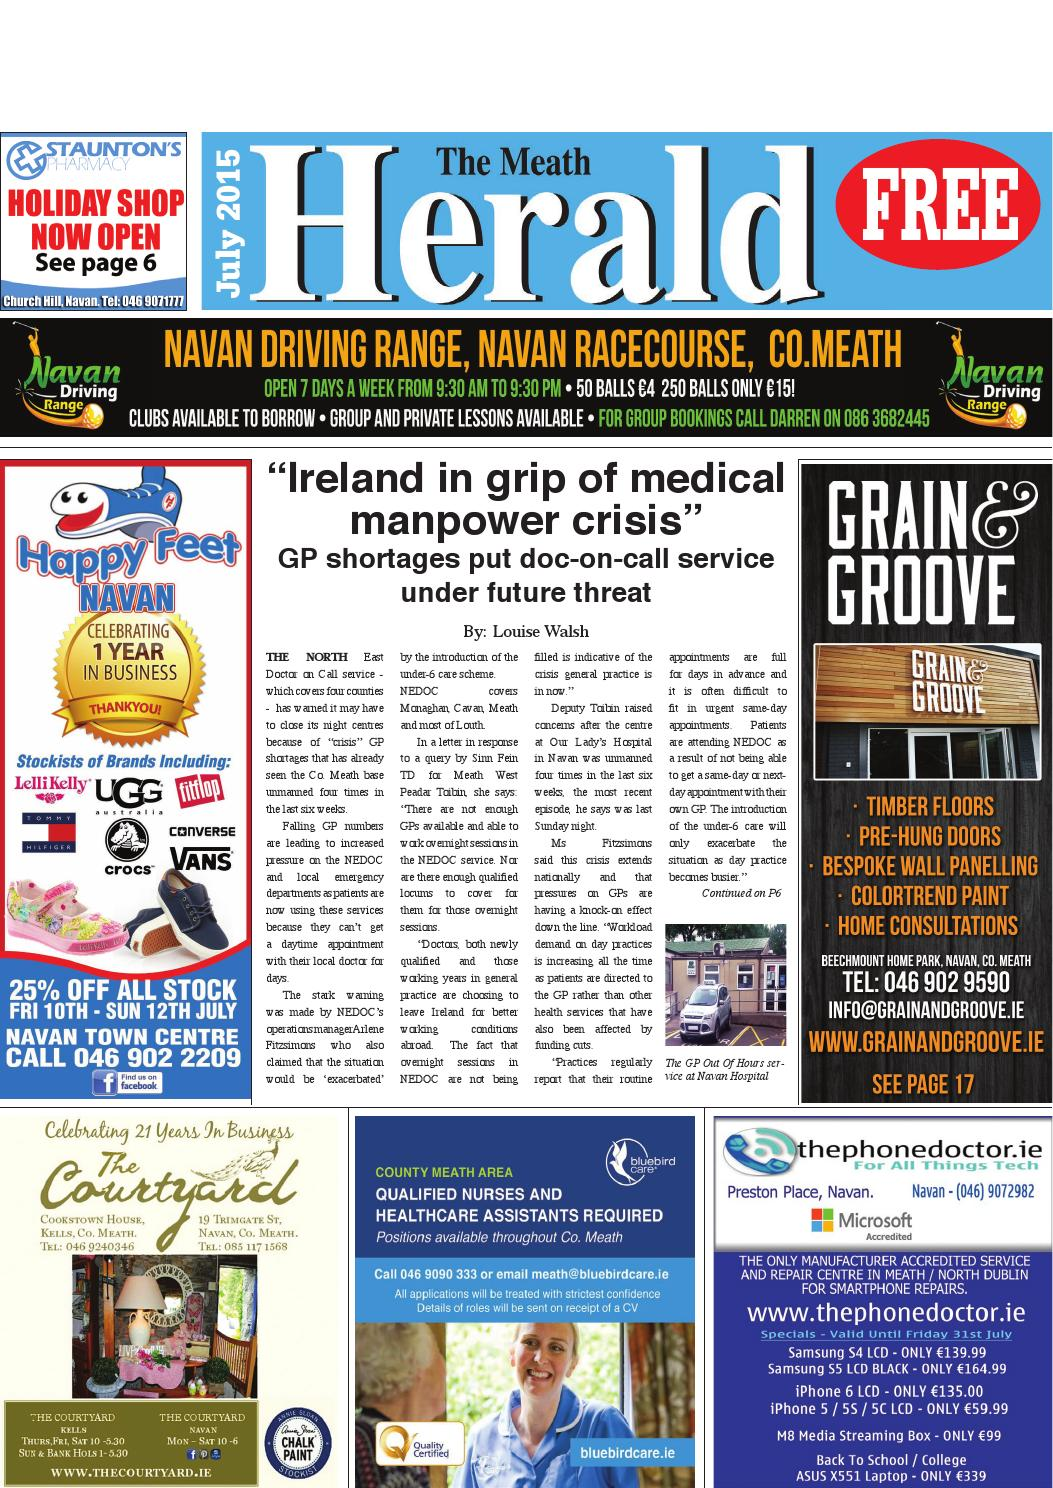 Professional Design Services Meath Ireland | DesignBurst